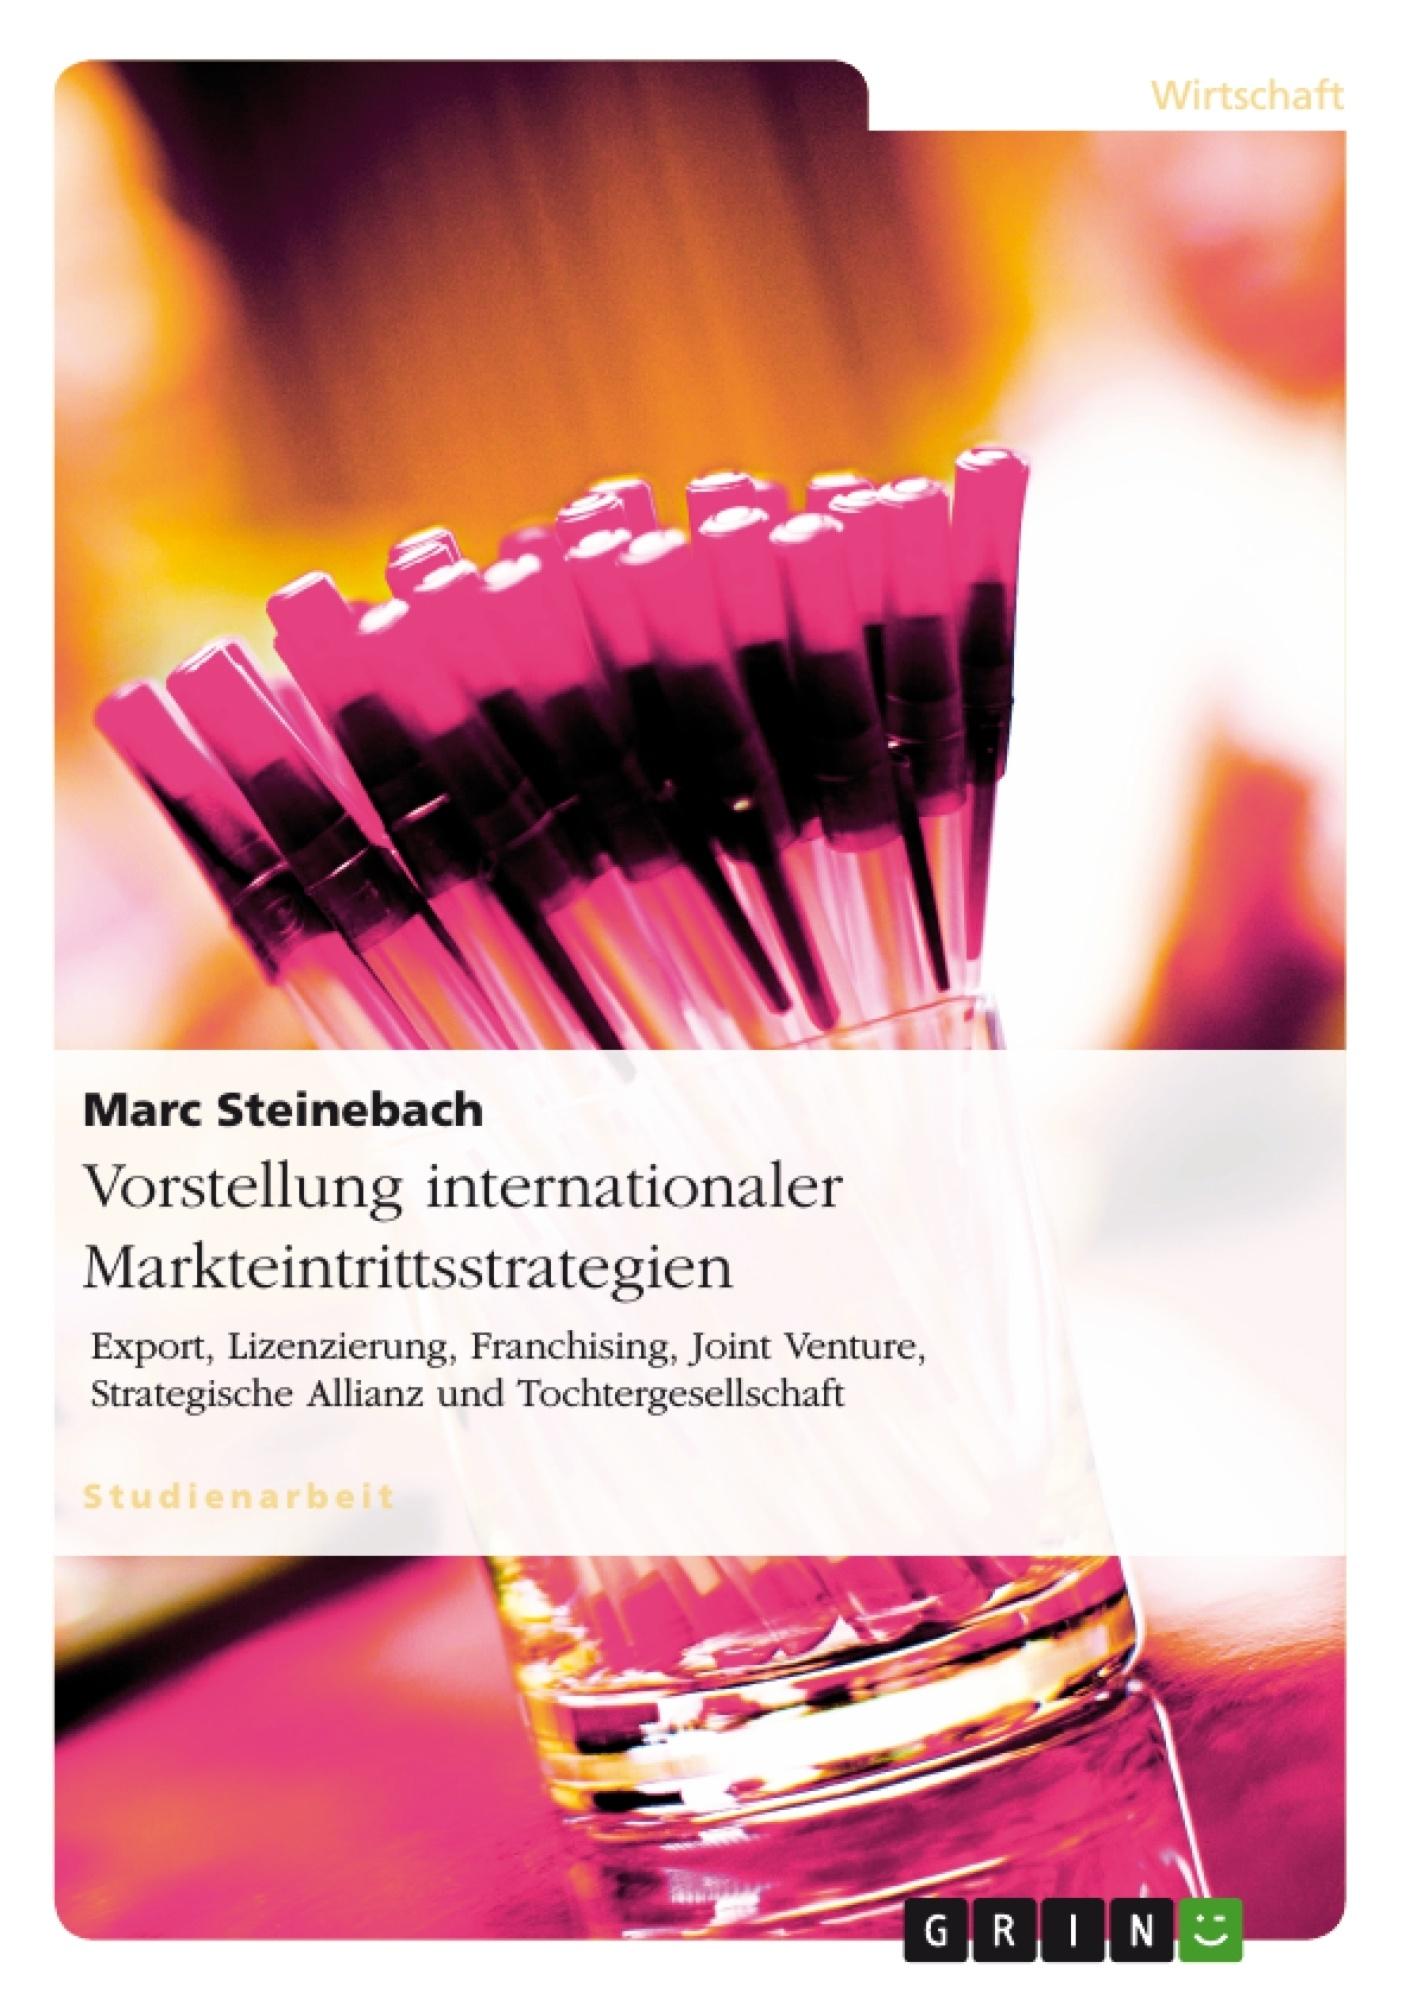 Titel: Vorstellung internationaler Markteintrittsstrategien